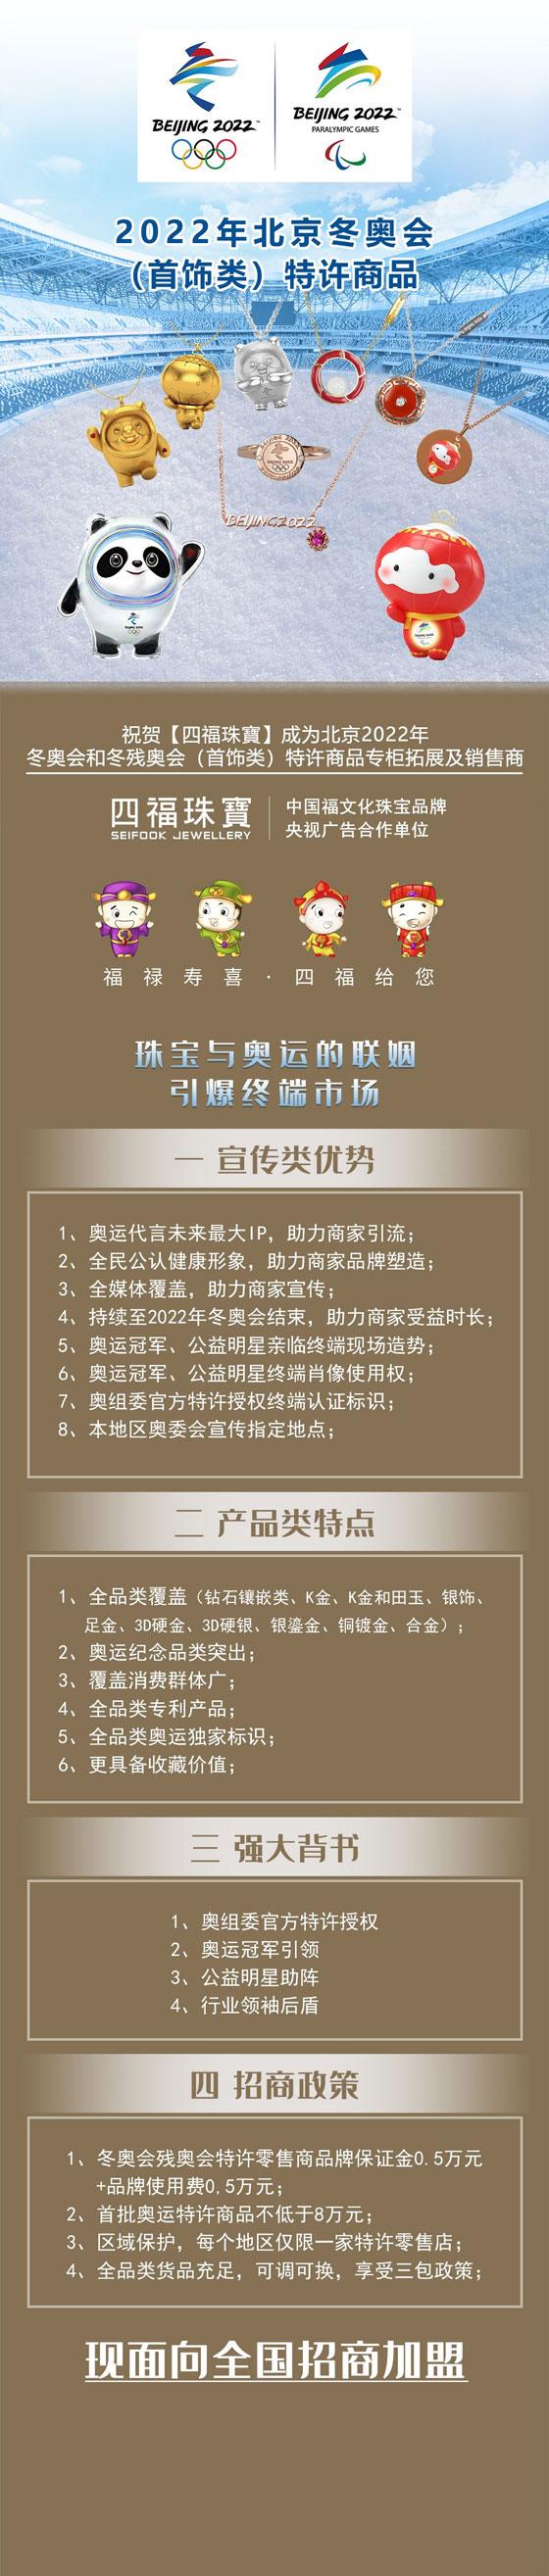 四福珠寶,北京2022年冬奧會和冬殘奧會